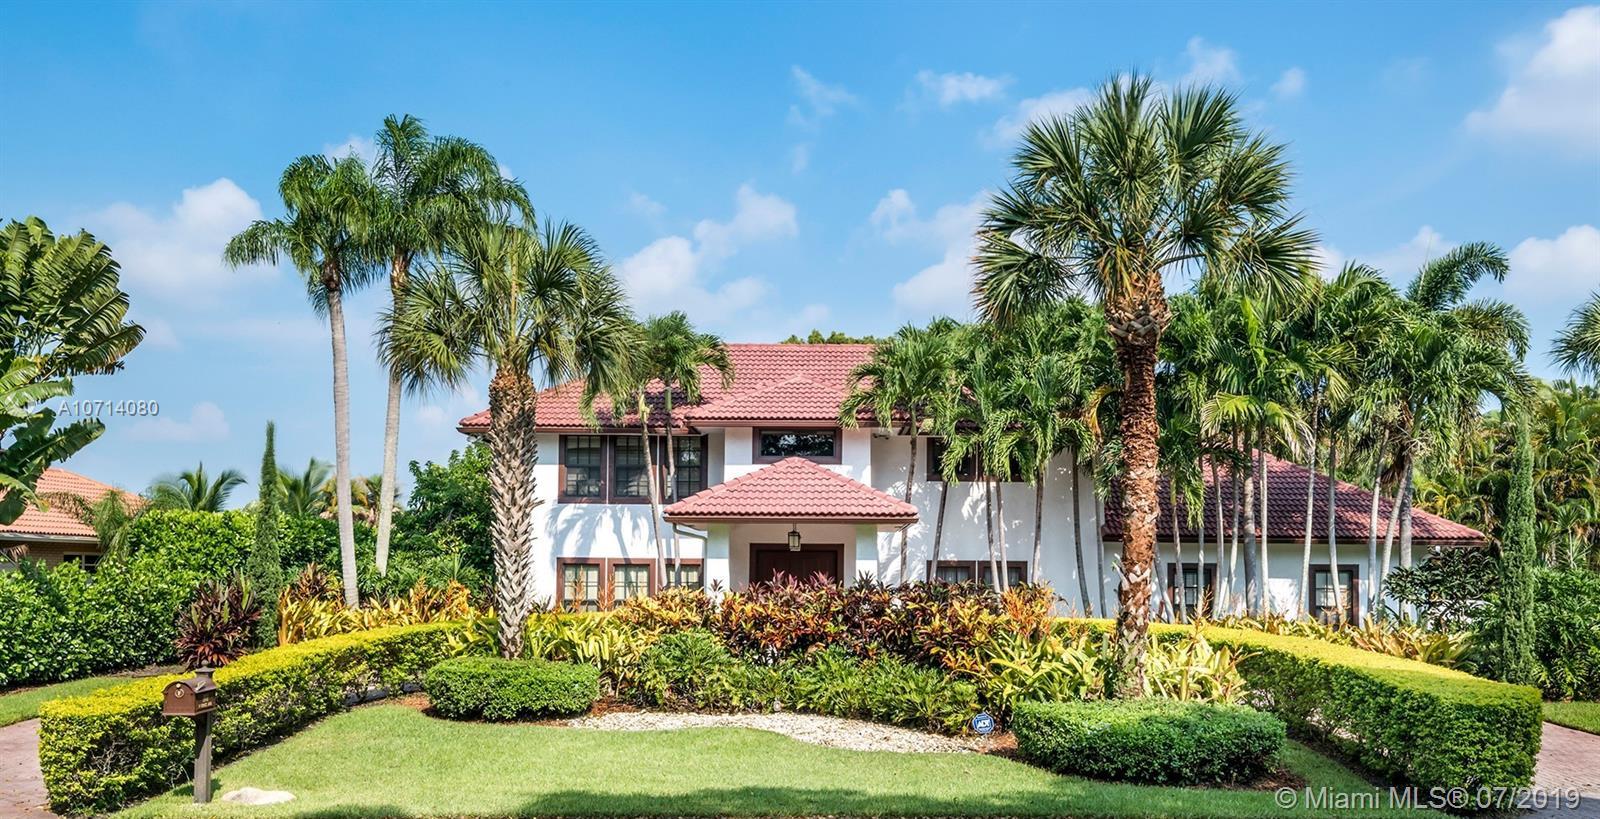 1101 W Cypress Dr, Pompano Beach, FL 33069